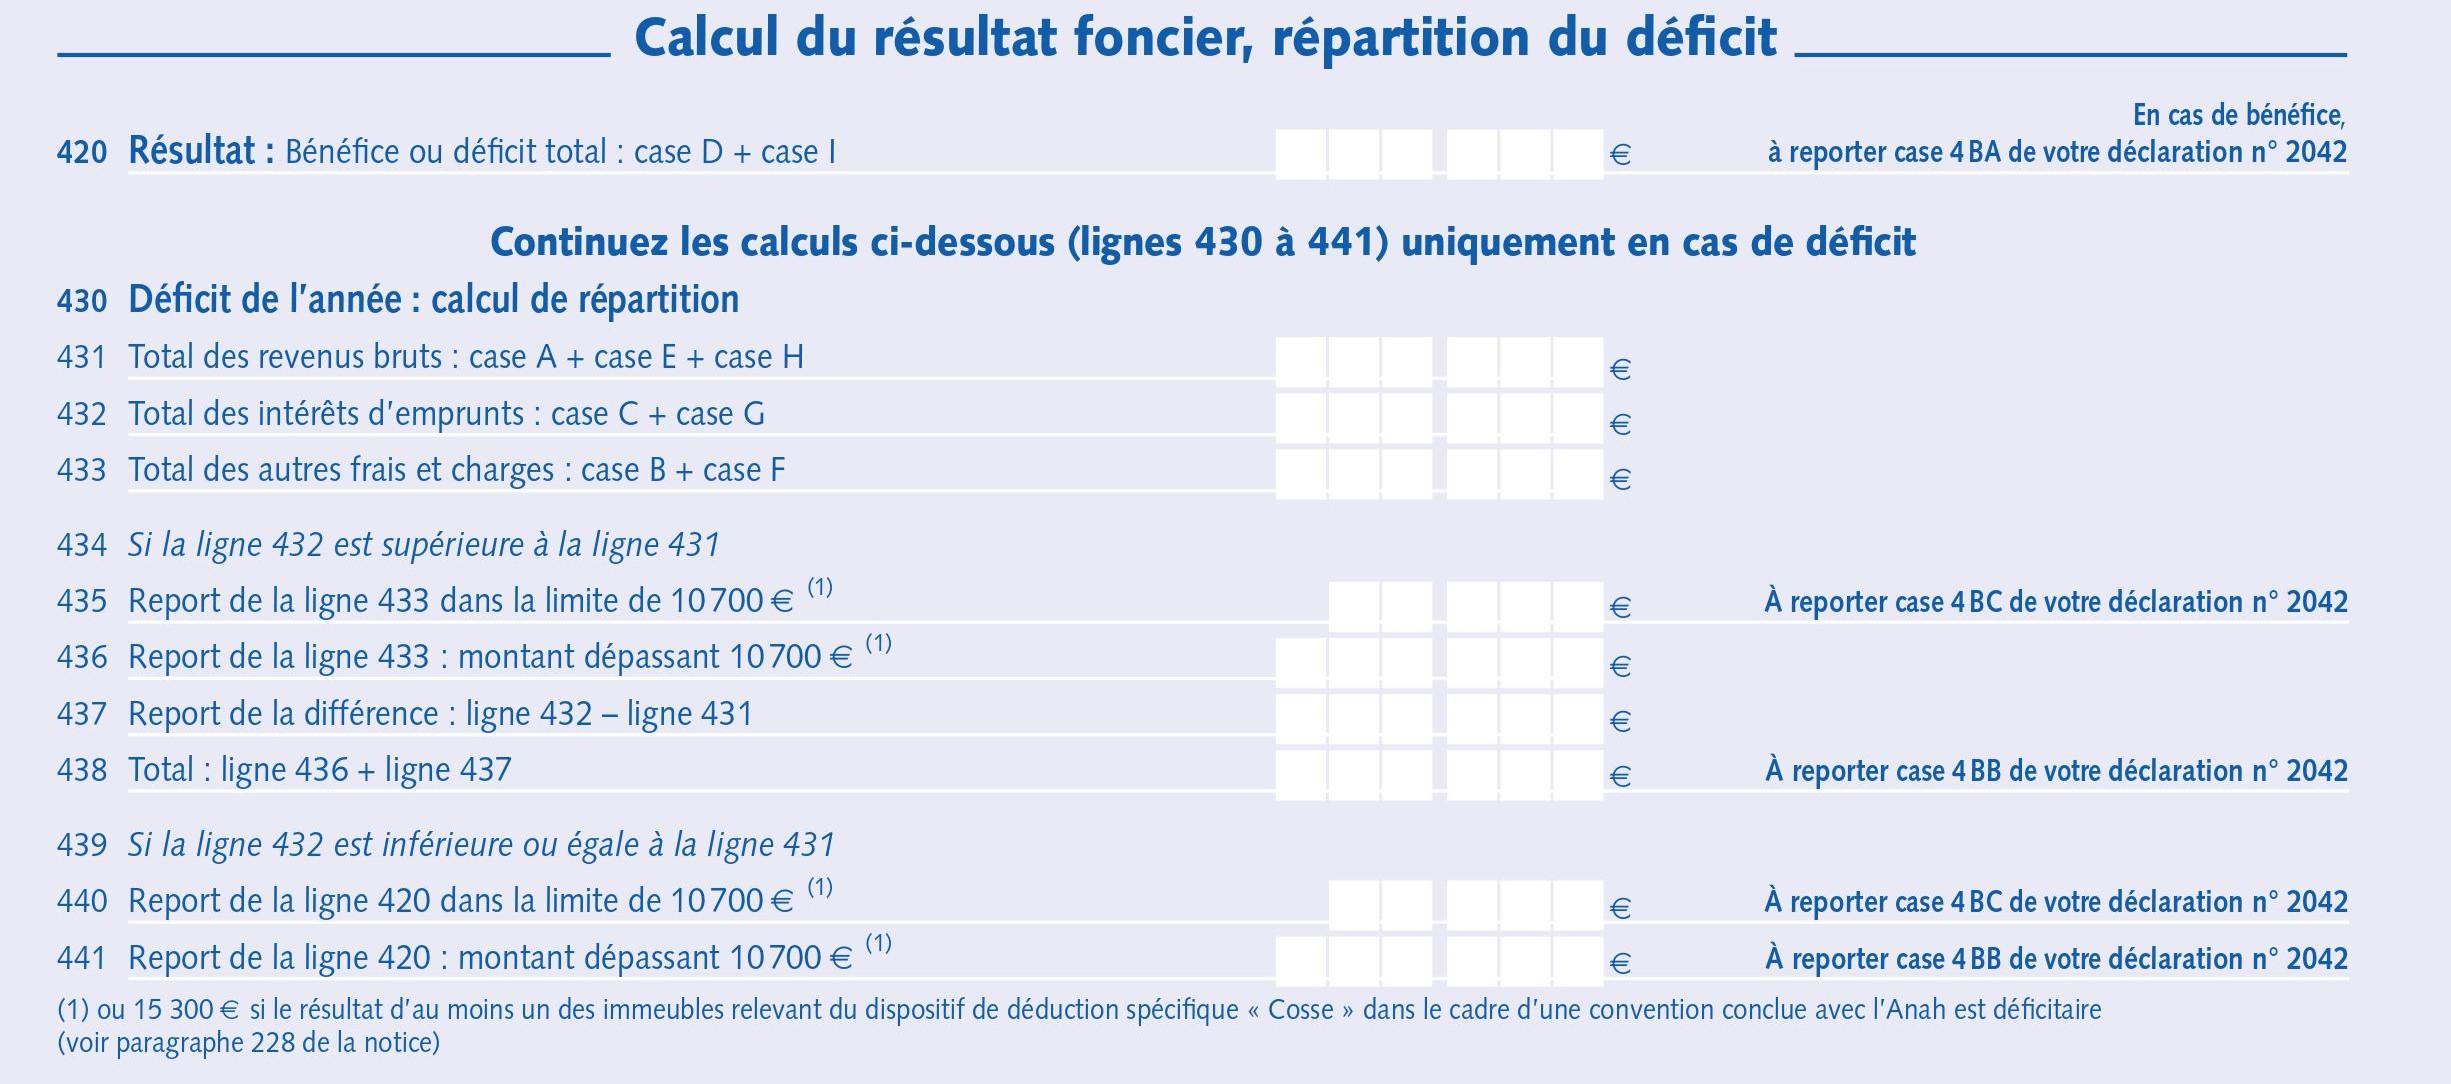 Report déficit foncier SCPI déclaration 2044